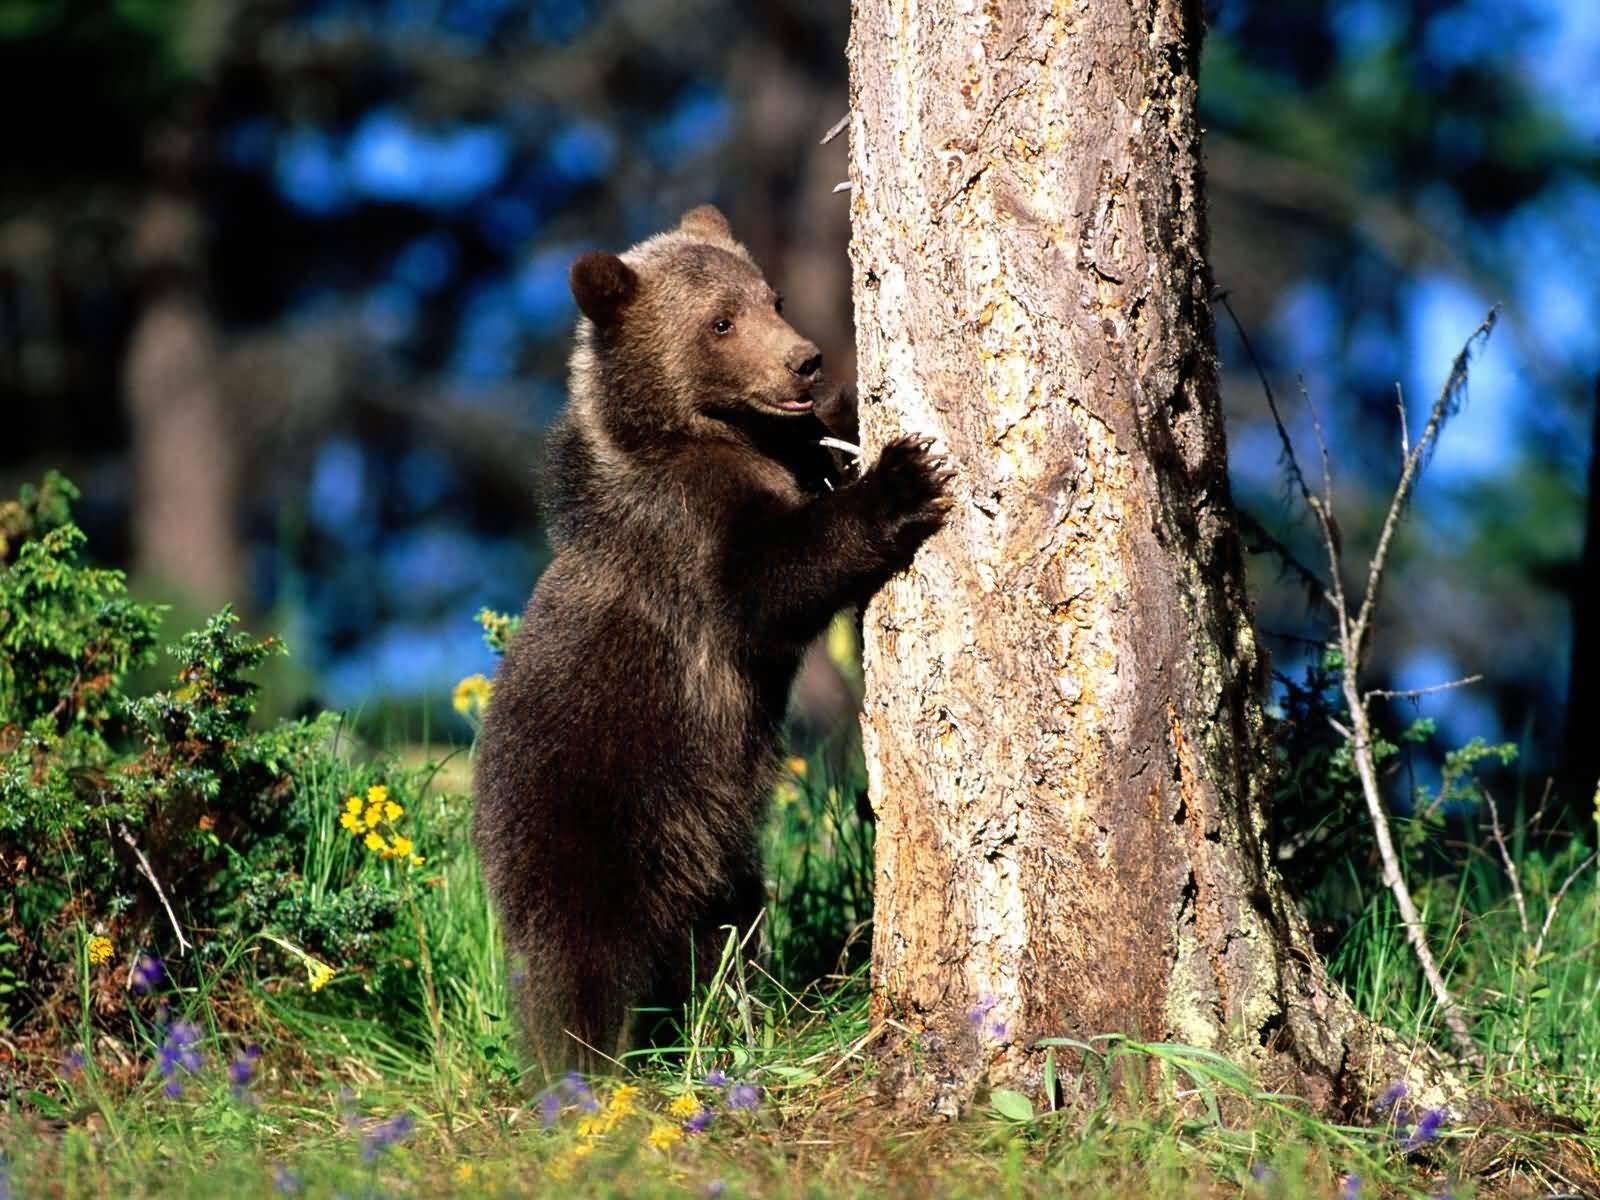 """Obrázok """"http://www.firstpeople.us/pictures/bear/1600x1200/Bear_Hug_Grizzly_Bear_Cub-1600x1200A.jpg"""" sa nedá zobraziť, pretože obsahuje chyby."""